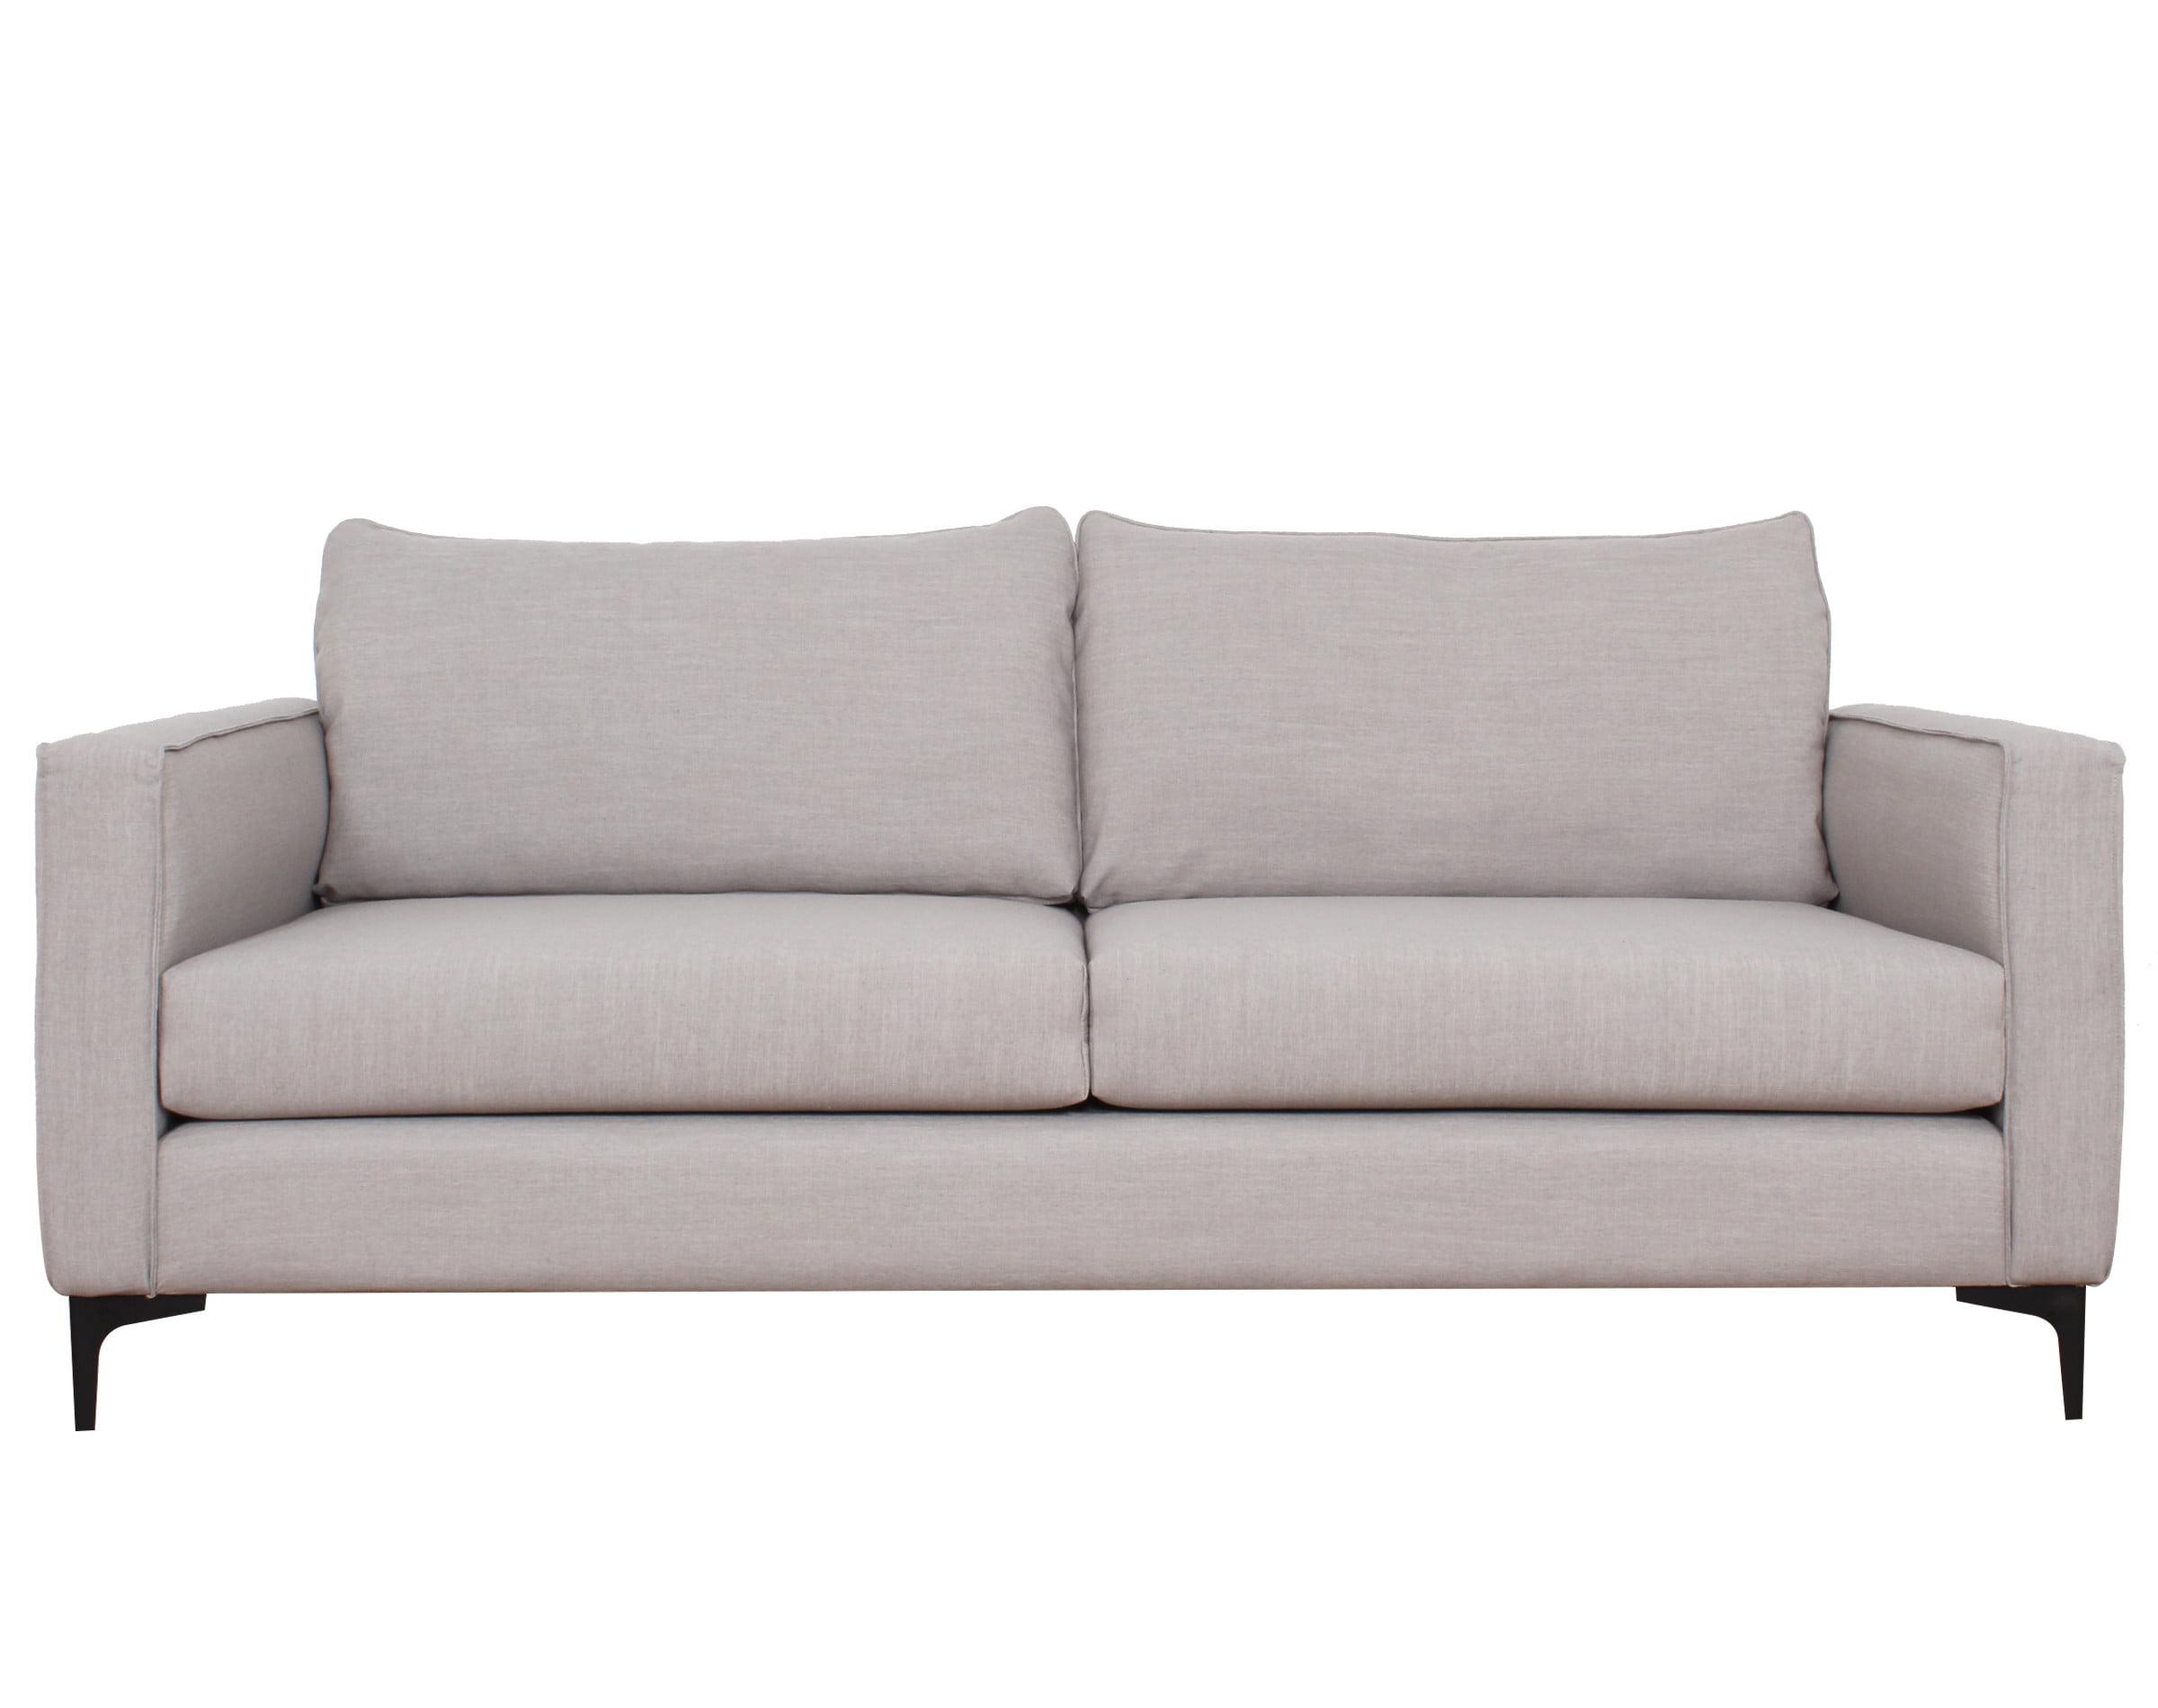 Sofa Personalizado Delta Piedra